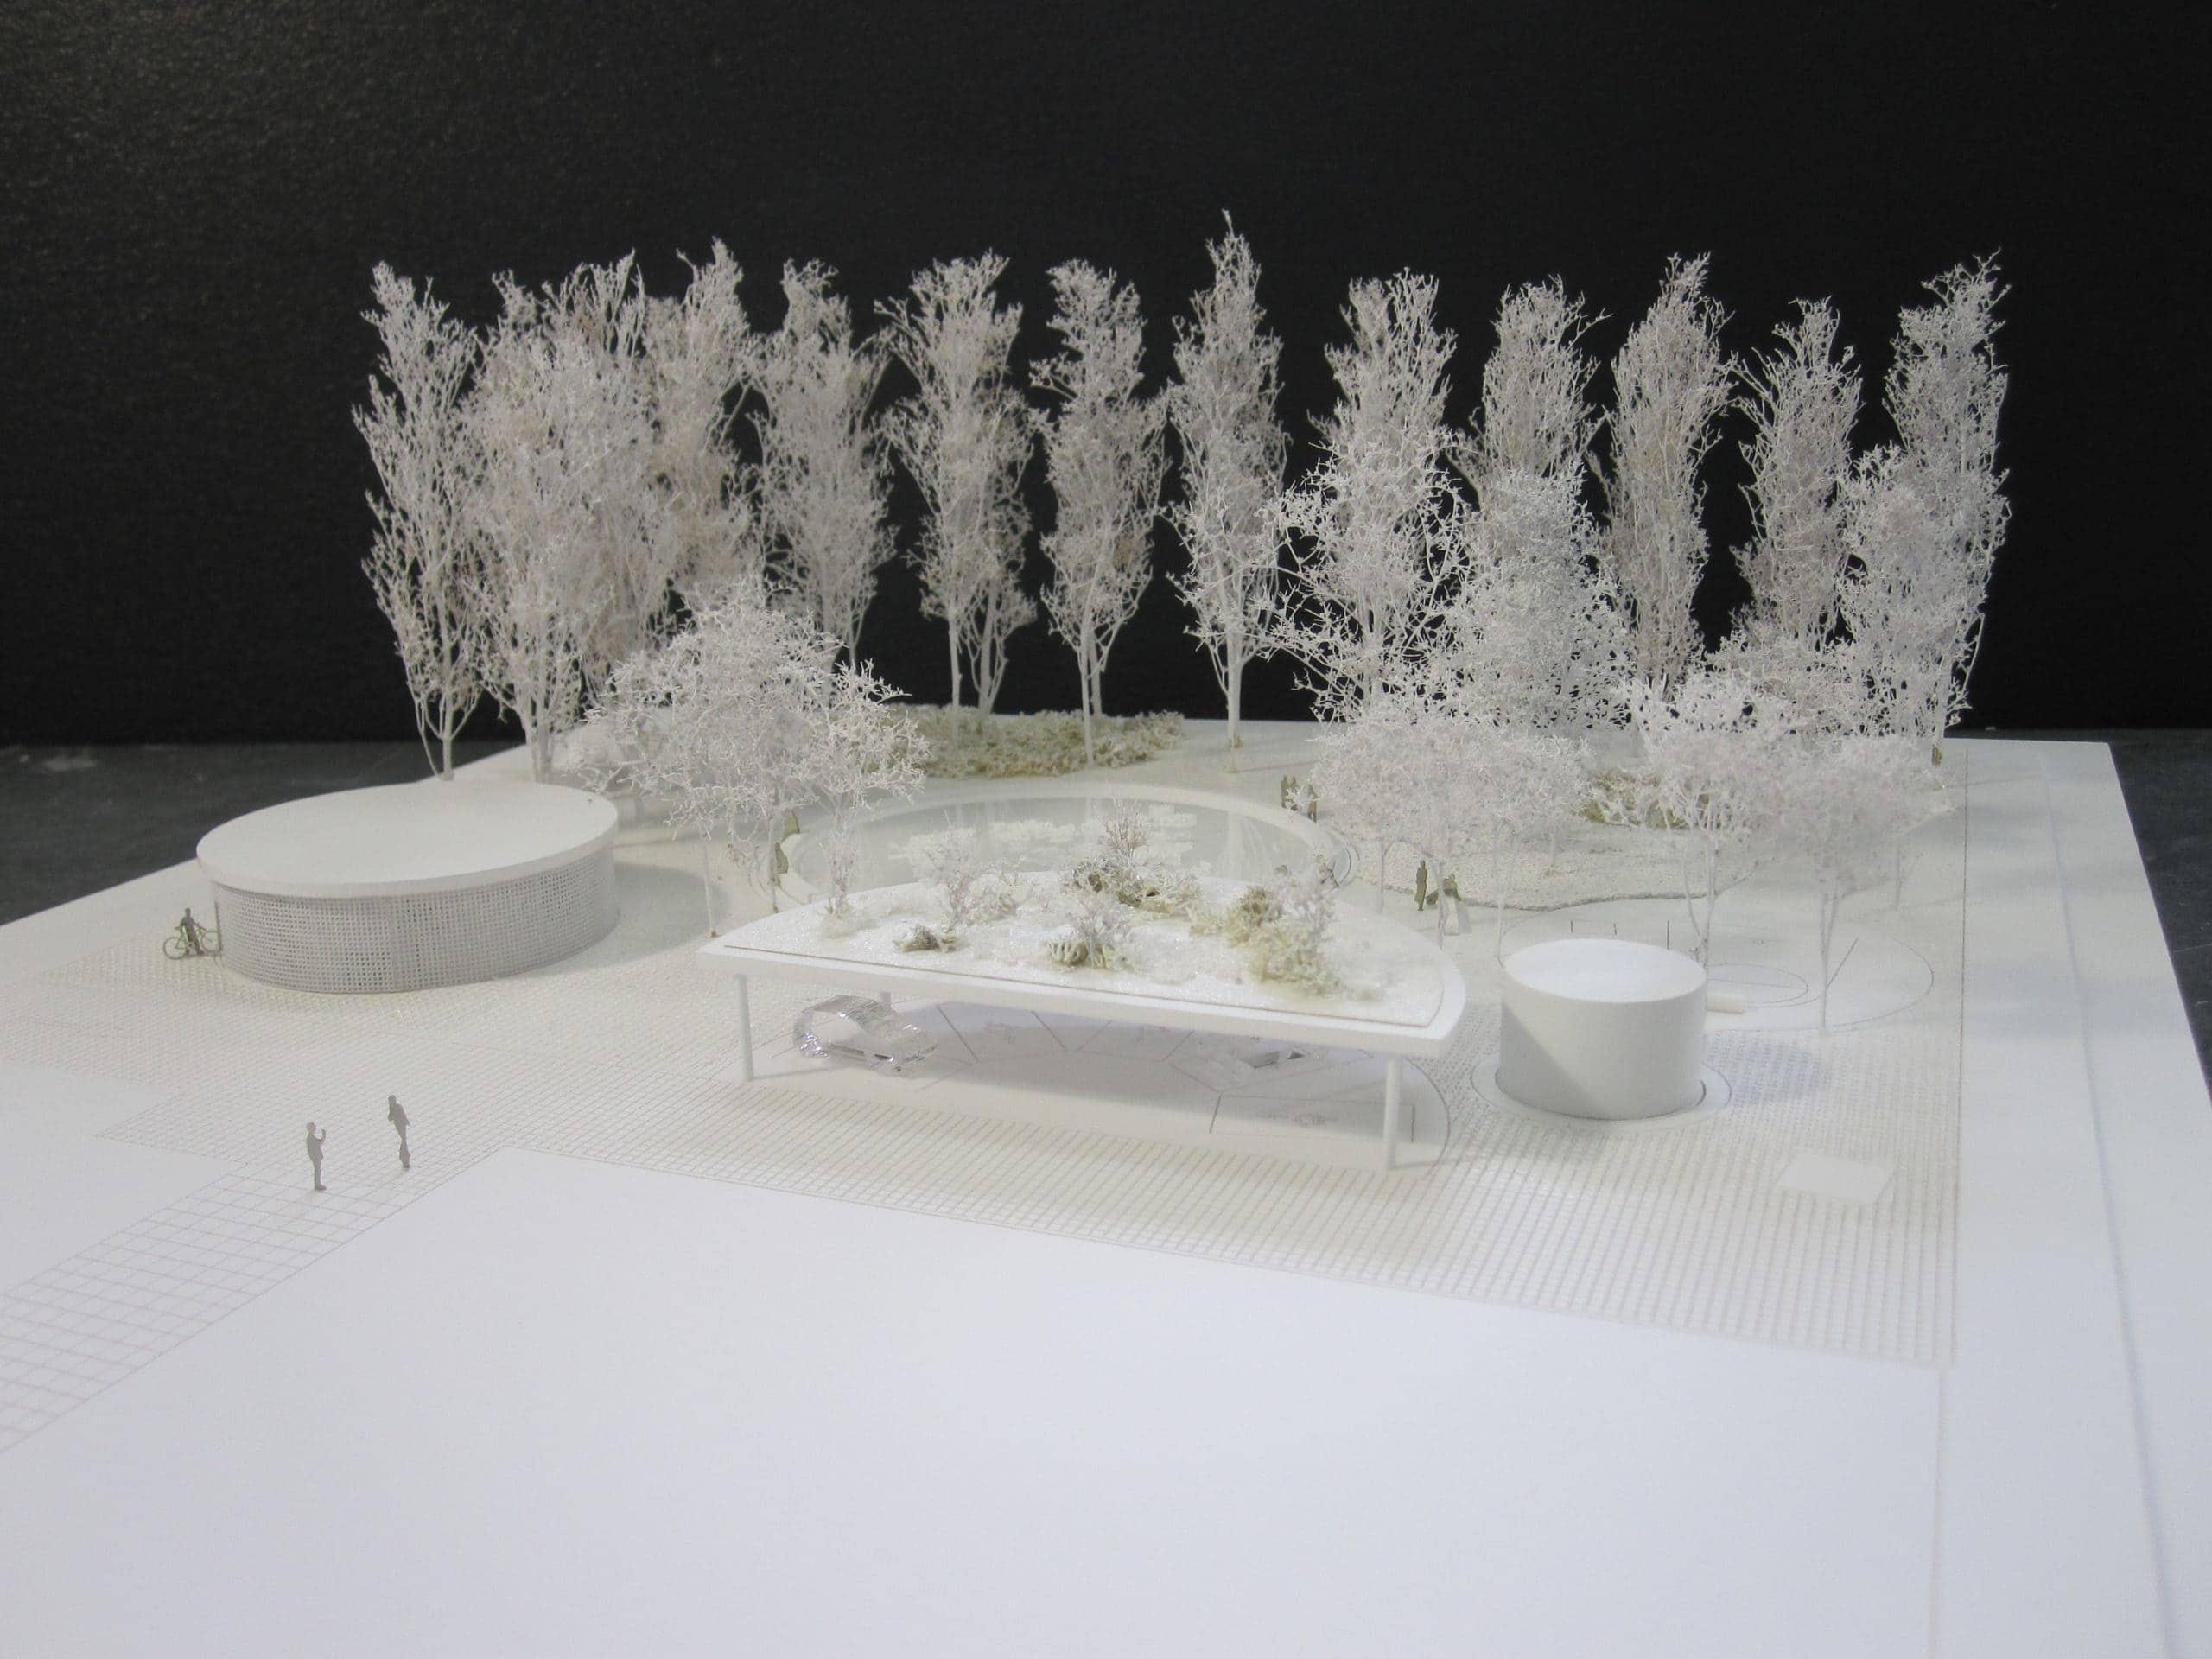 Maquette à socle plat avec représentation du trottoir